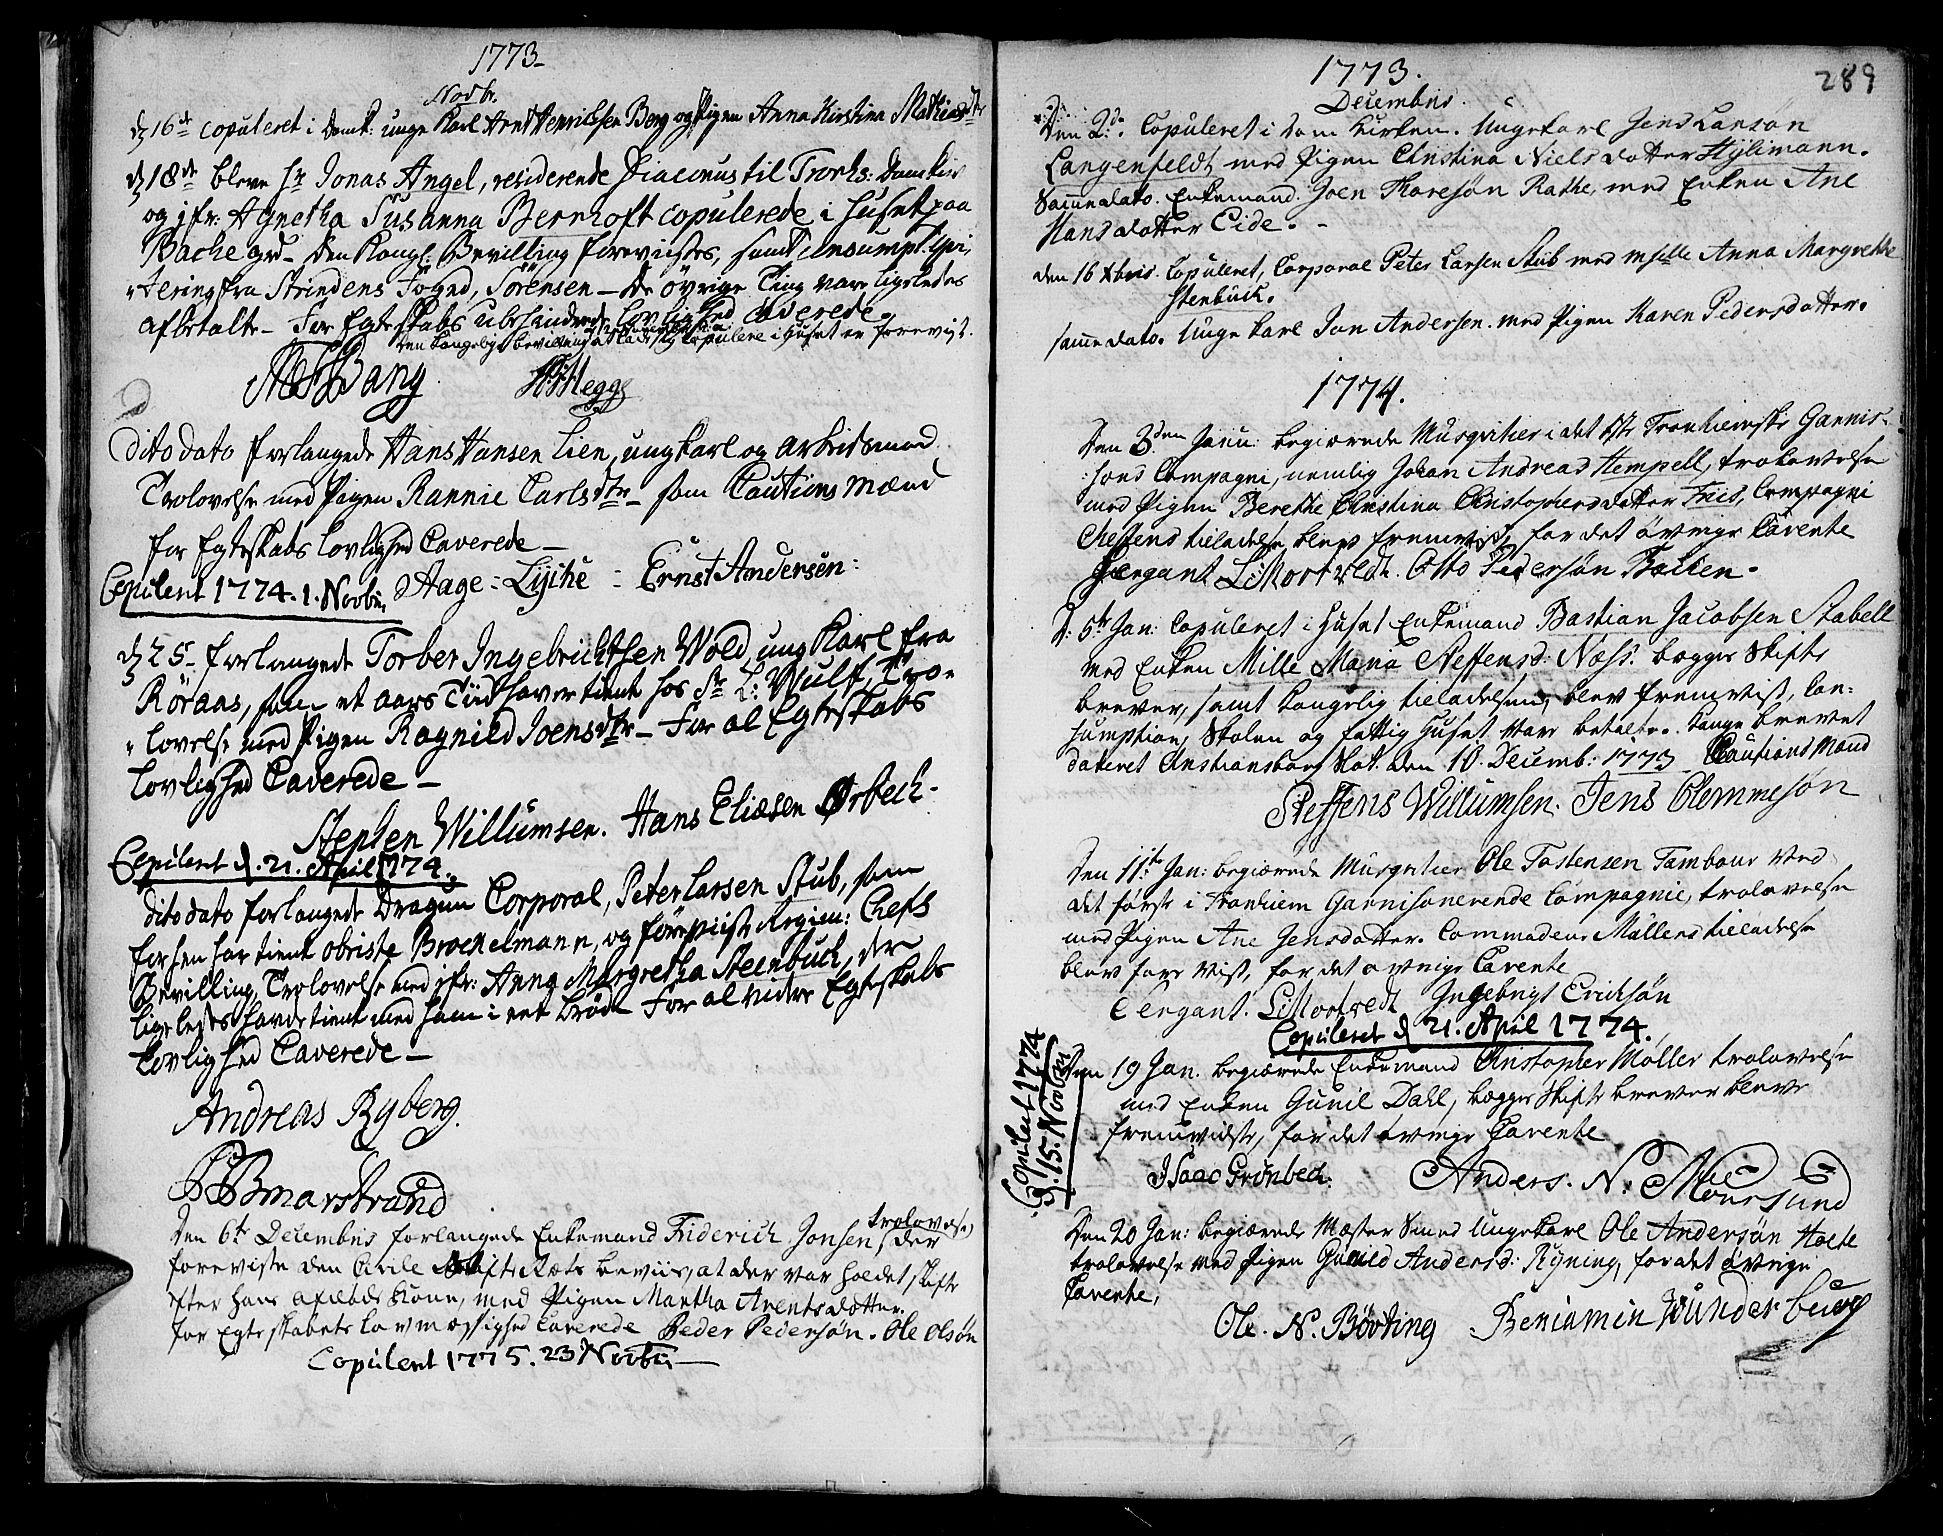 SAT, Ministerialprotokoller, klokkerbøker og fødselsregistre - Sør-Trøndelag, 601/L0038: Ministerialbok nr. 601A06, 1766-1877, s. 289